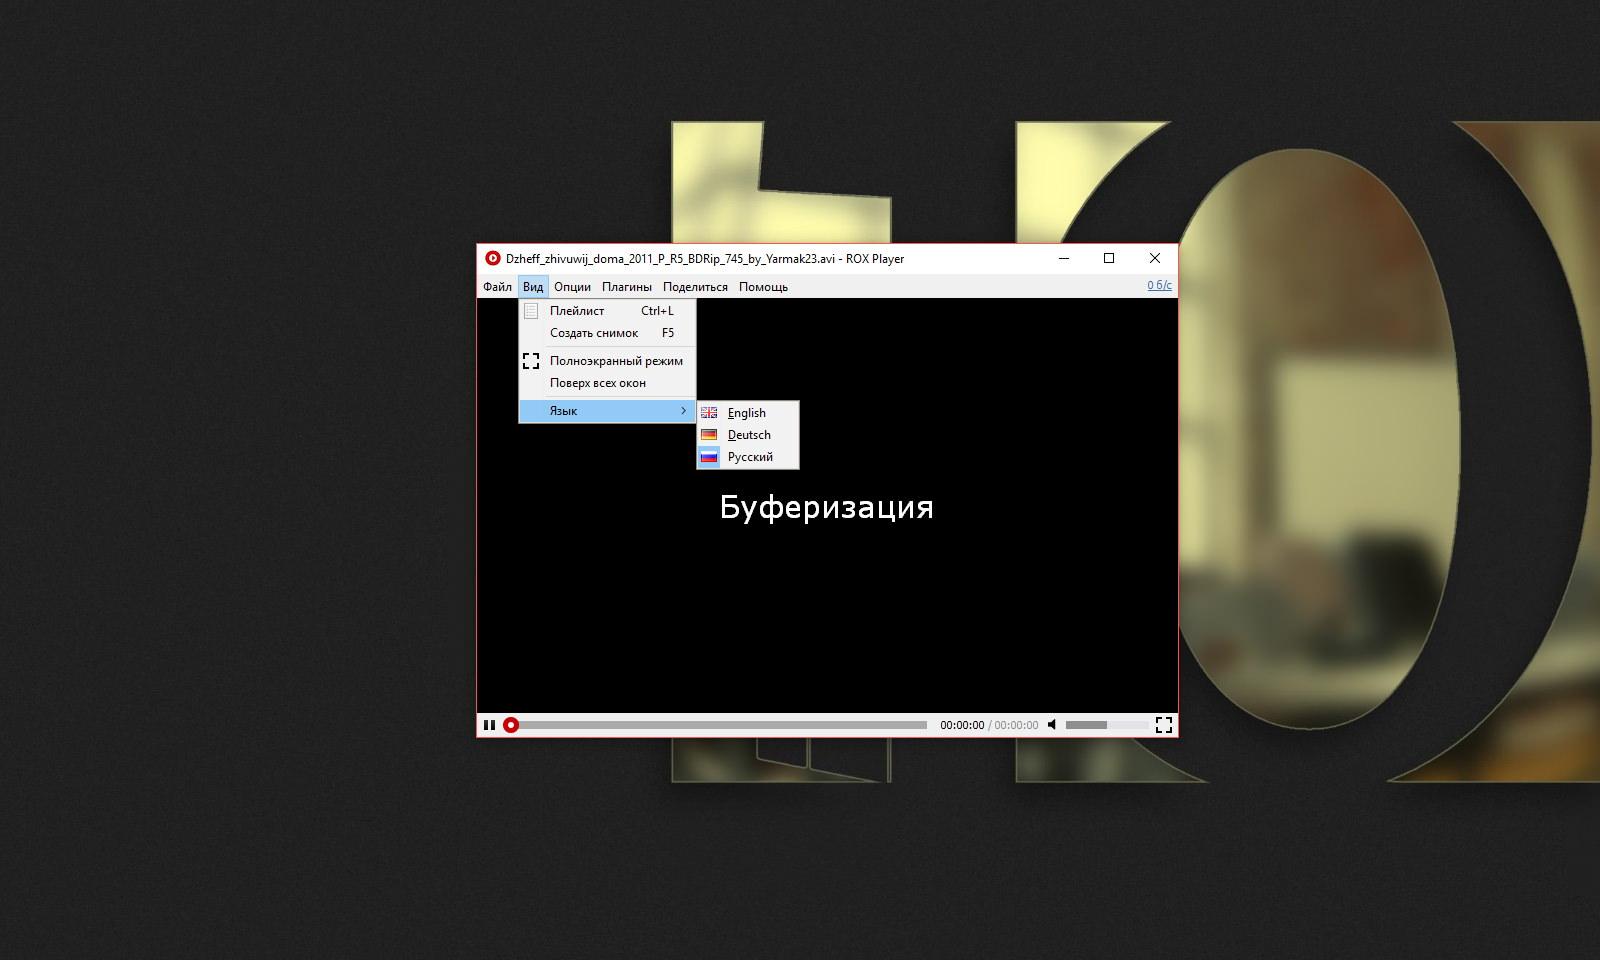 RoxPlayer — плеер для воспроизведения видео из торрент-сетей